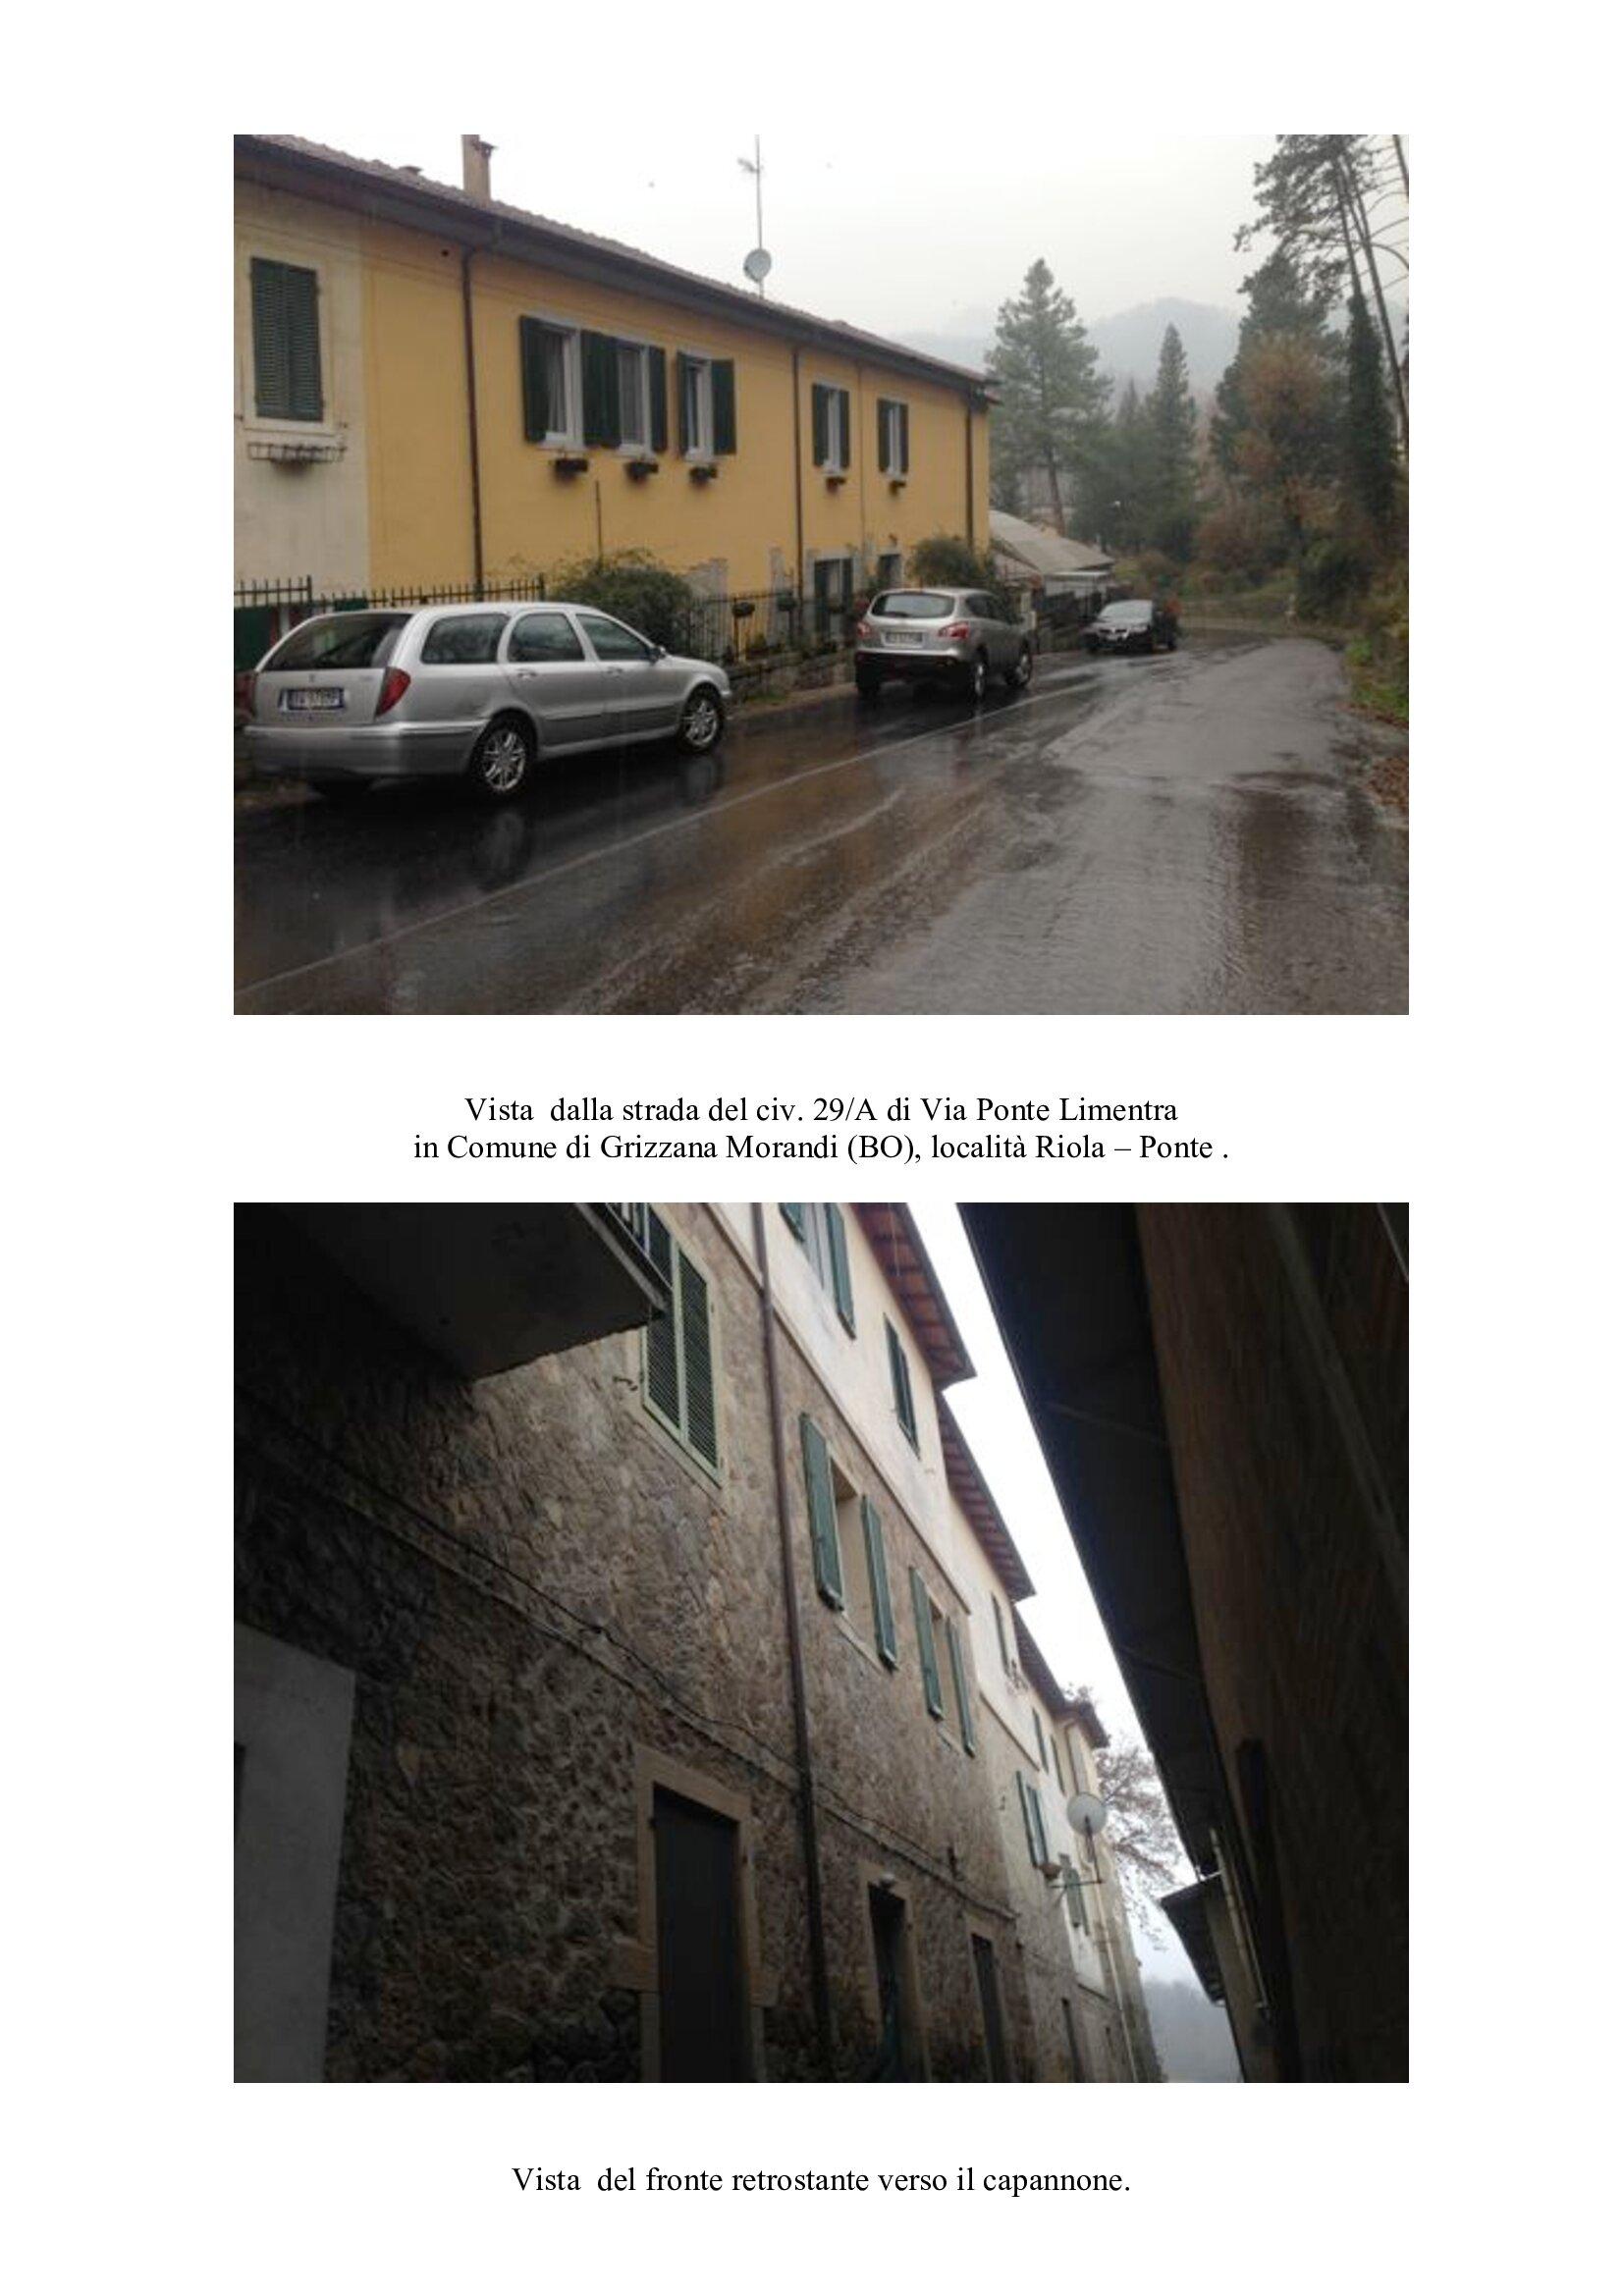 Appartamento, via ponte limentra a localit agrave riola ponte, Vendita - Grizzana Morandi